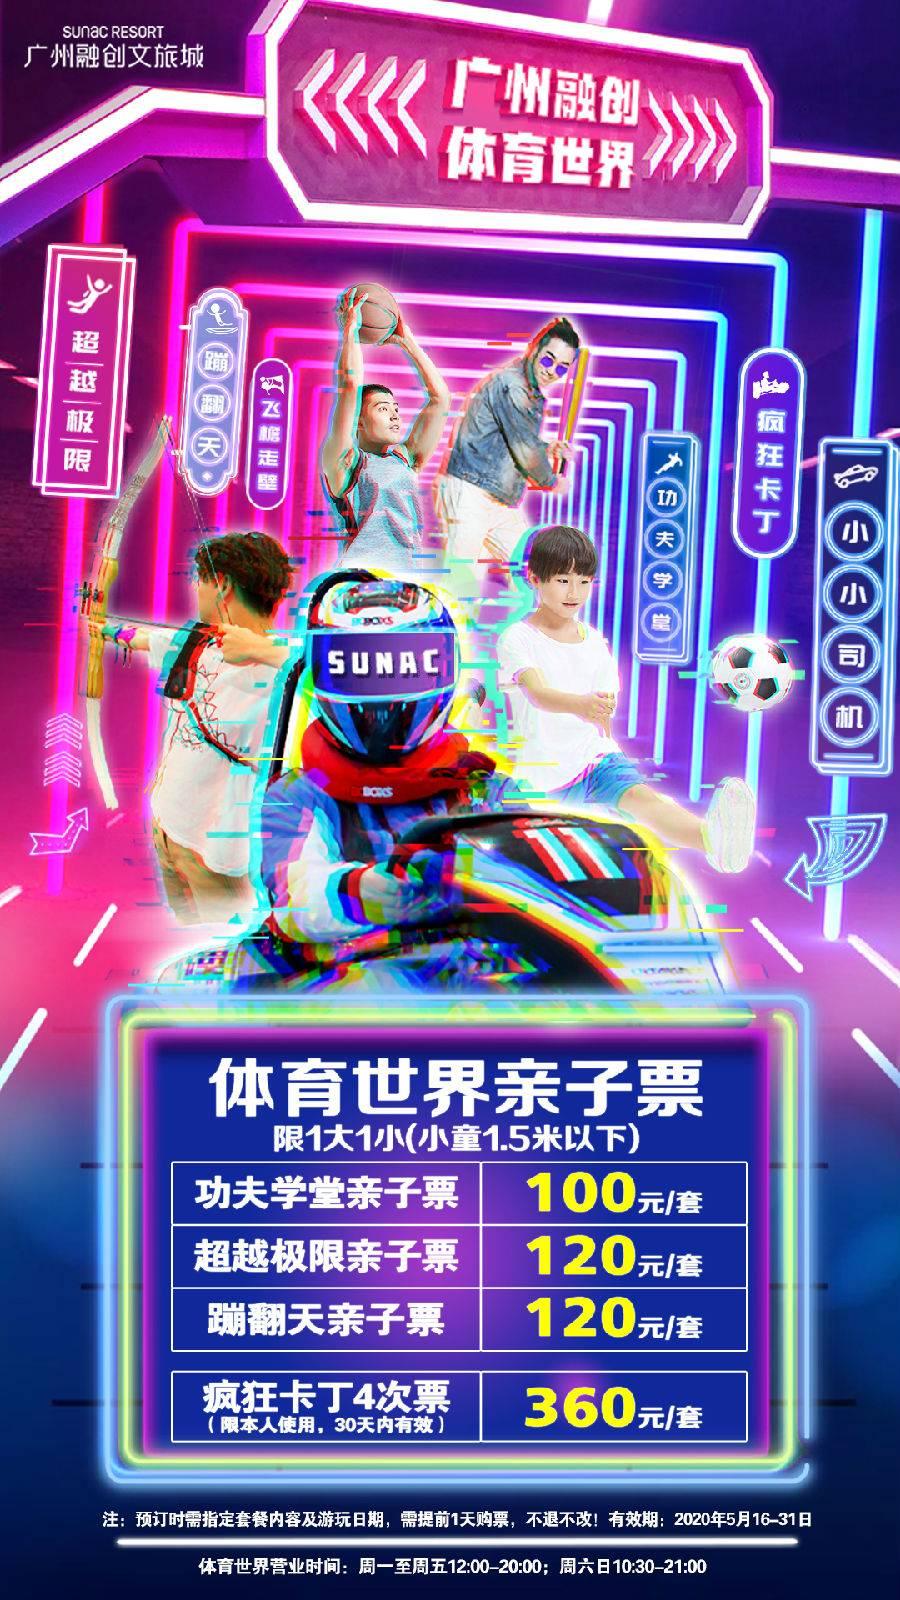 广州融创体育世界功夫学堂亲子票(提前一天,指定日期预订,有效期至6月30日)